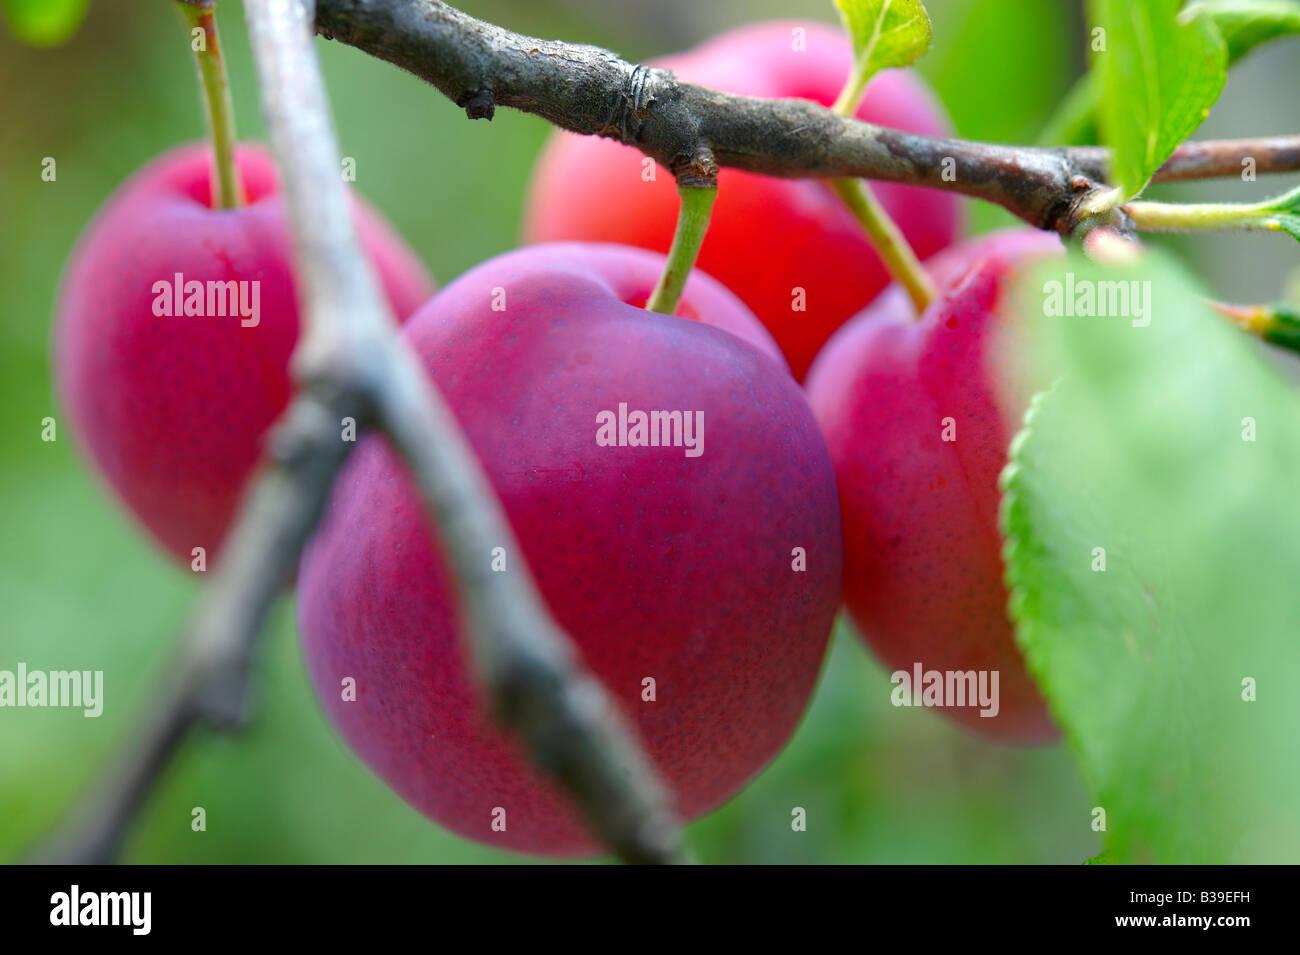 Frische rote Victoria Pflaumen reif auf einem Pflaumenbaum in einem Obstgarten wachsen Stockbild